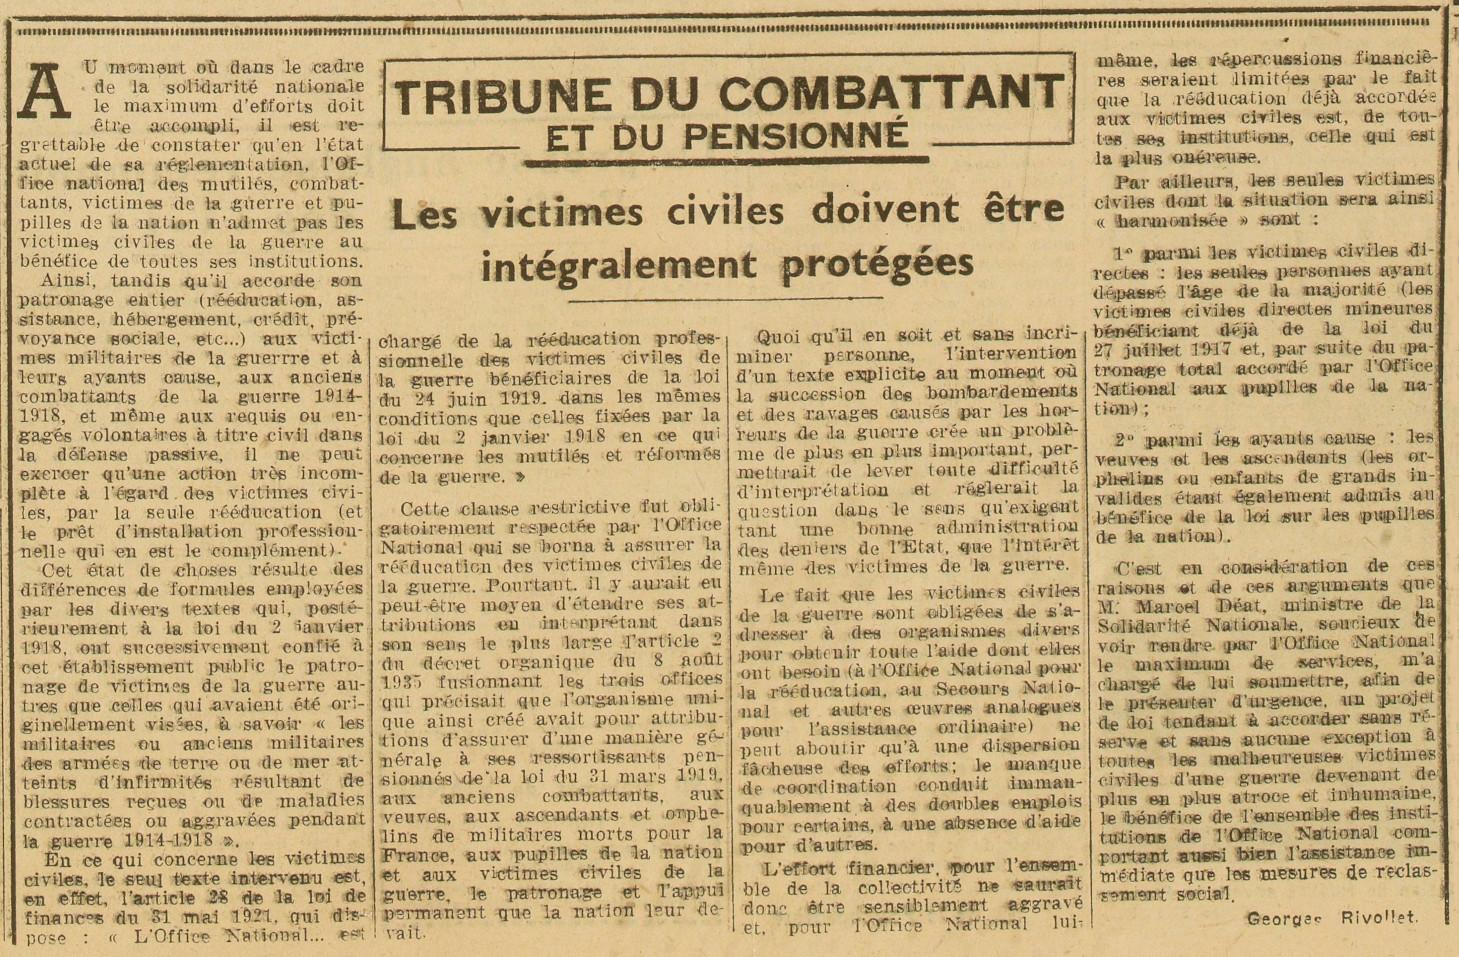 Tribune publiée dans « L'Œuvre » par Georges Rivollet le 31 juillet 1944. Gallica / Bibliothèque nationale de France.